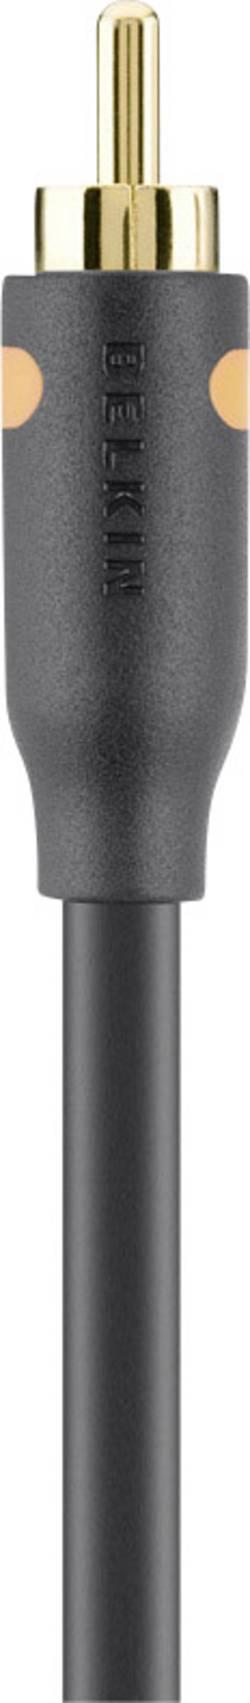 Image of Belkin Cinch-Digital Digital-Audio Anschlusskabel [1x Cinch-Stecker - 1x Cinch-Stecker] 2 m Schwarz